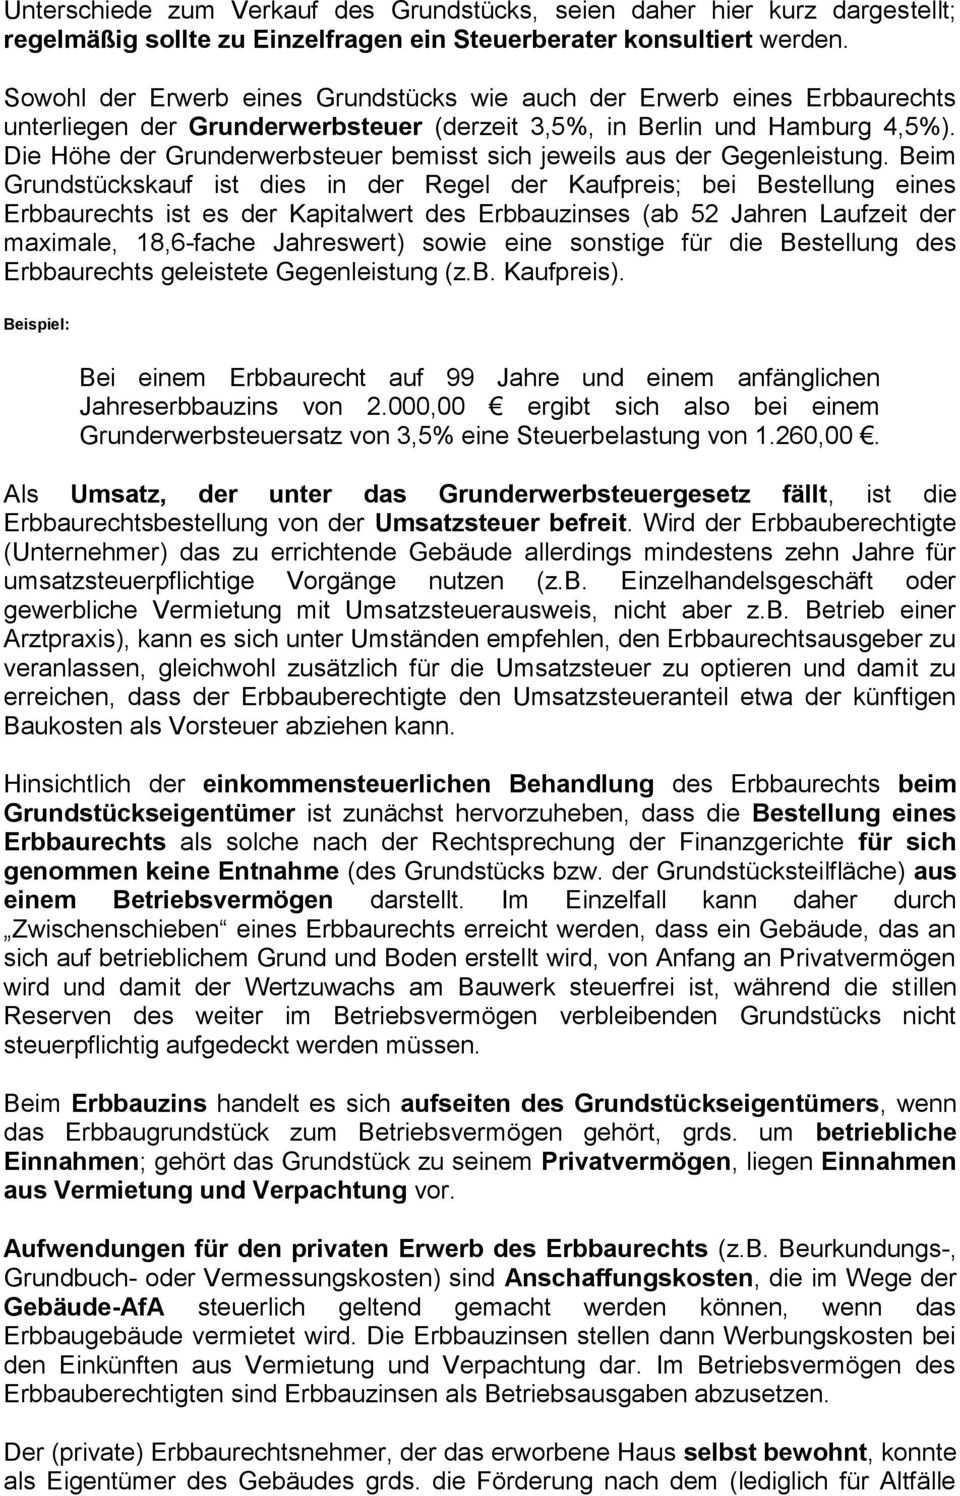 Kundenmerkblatt Zum Erbbaurecht Pdf Free Download